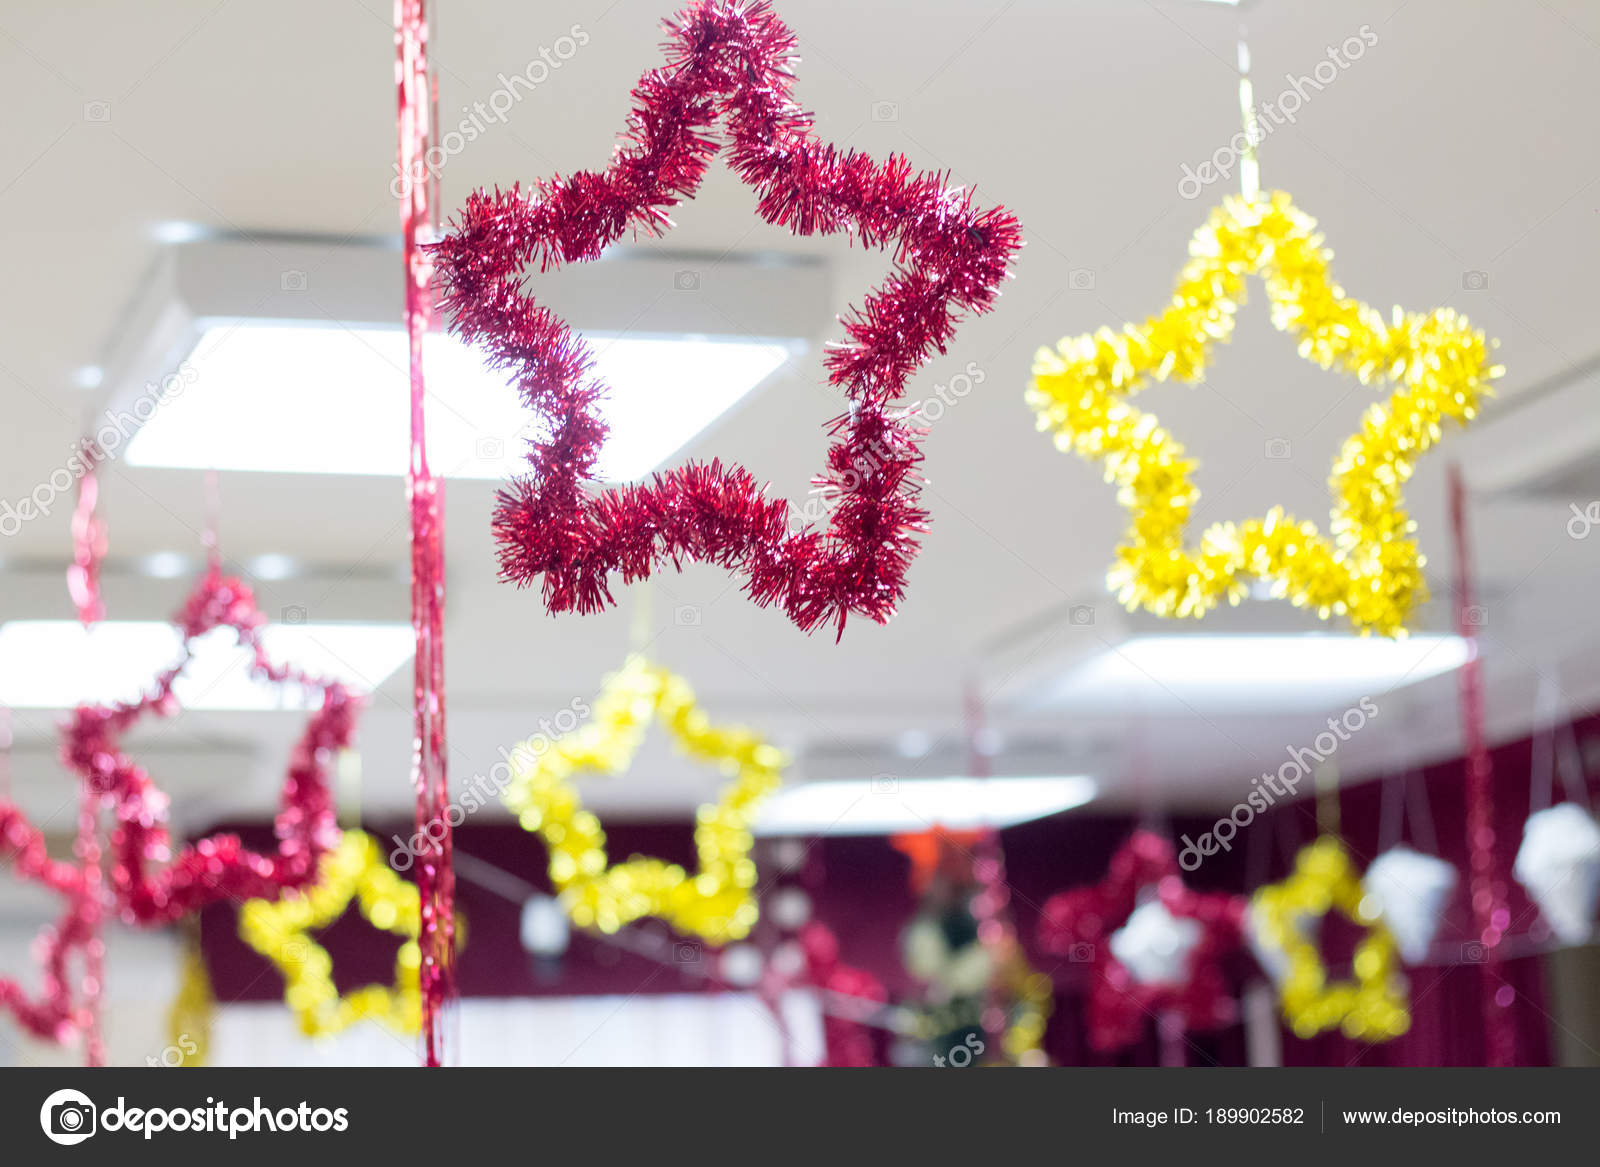 Decorazioni Natalizie Per Ufficio.Decorazioni Natale Ufficio Foto Stock C 0635925410 189902582